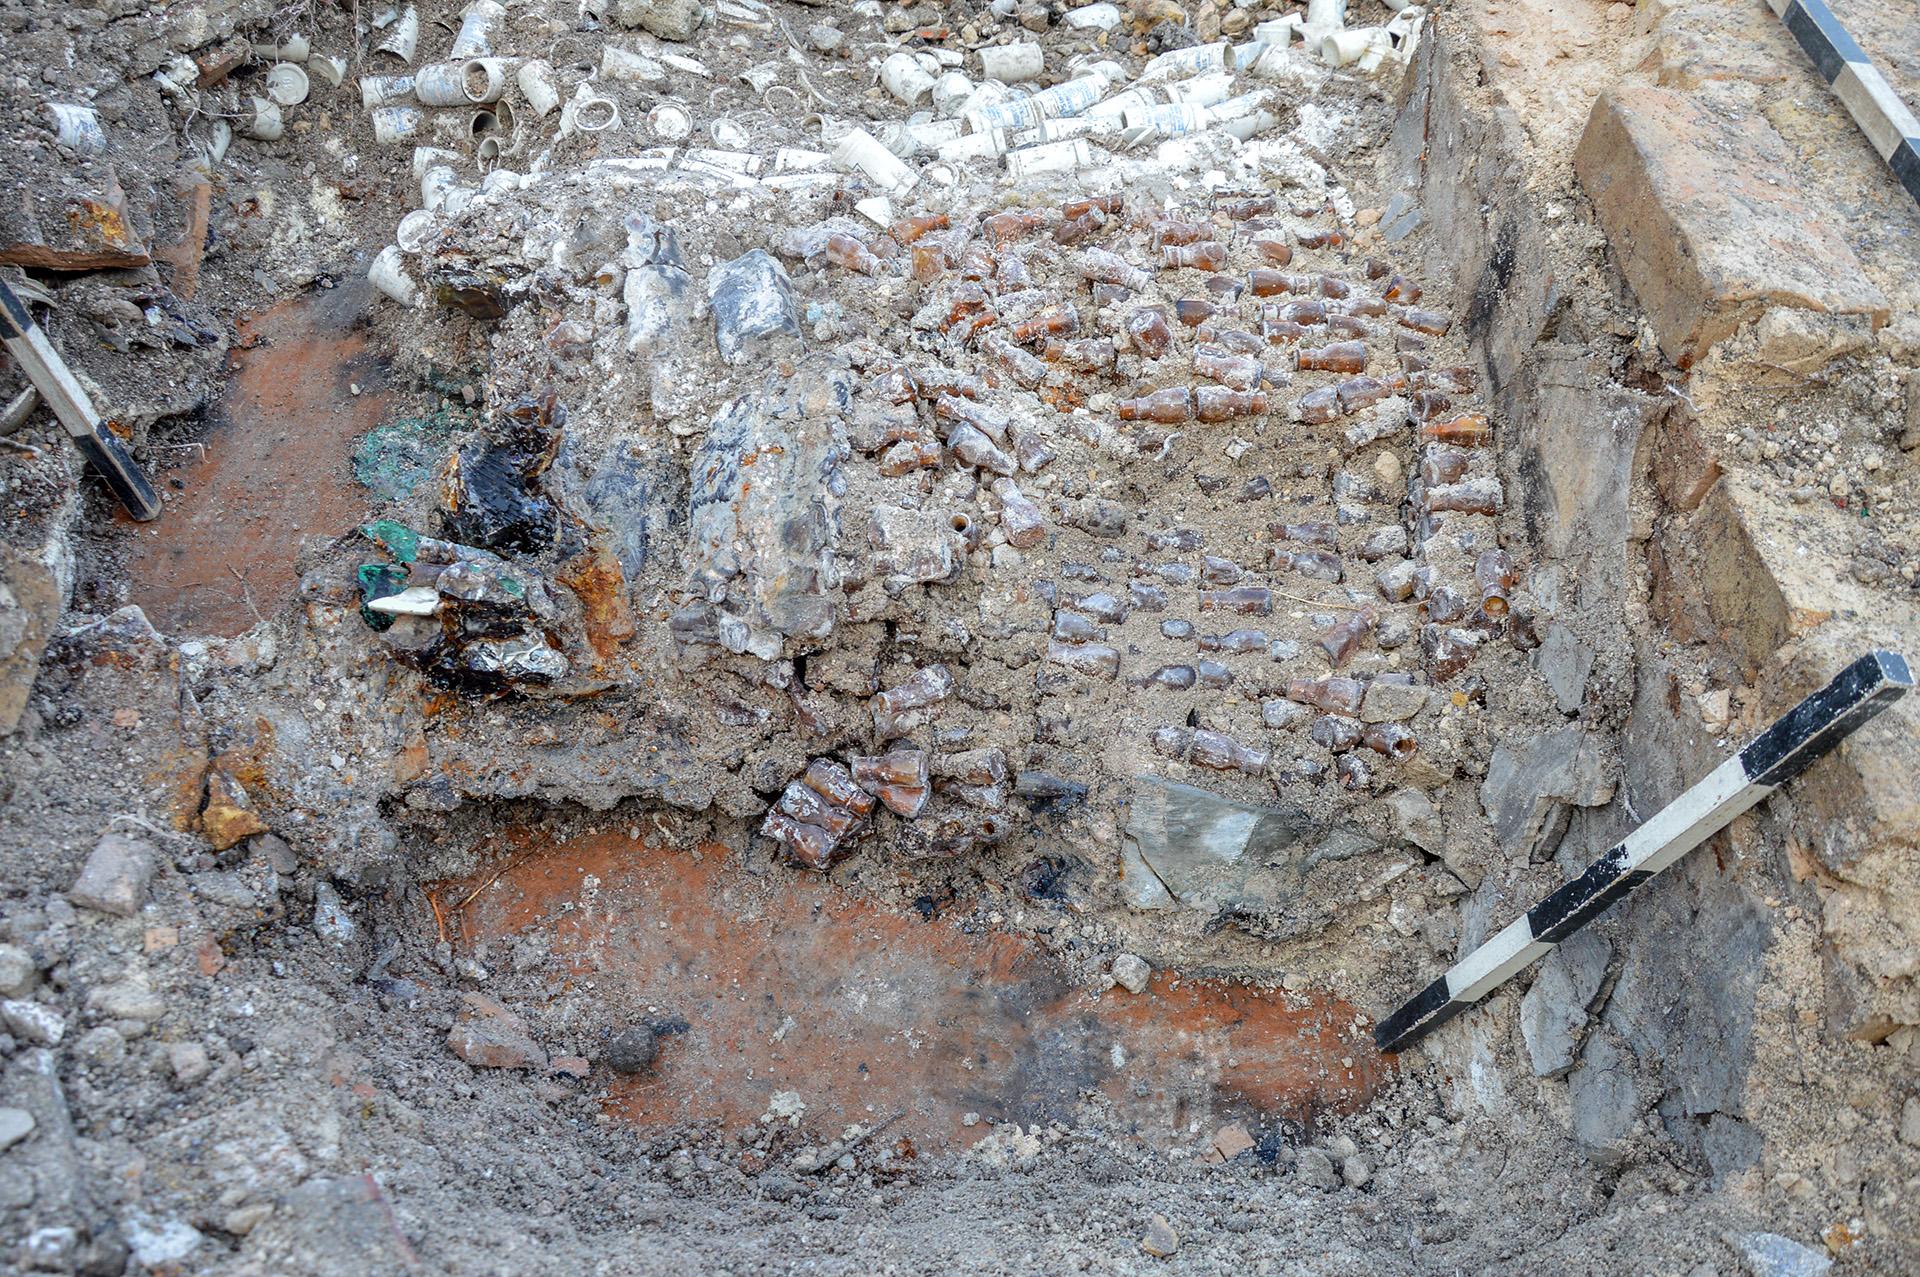 Zahlreiche durch Hitze verschmolzene Glasampullen lagen ordentlich gestapelt auf dem Kellerfußboden